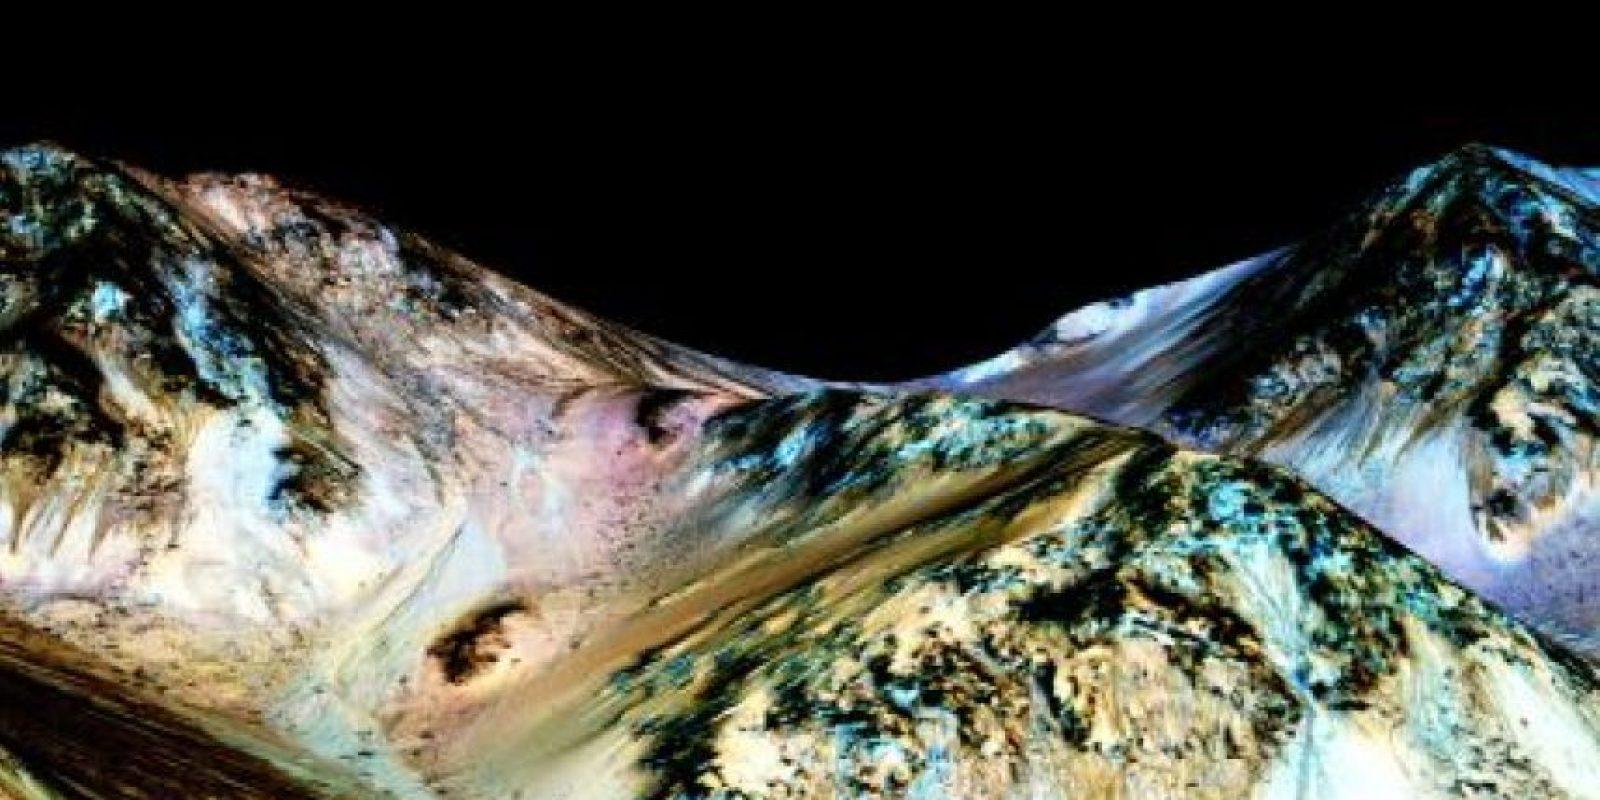 La NASA publicó estas imágenes para demostrar los causes formados por agua en Marte. Foto:Vía nasa.gov